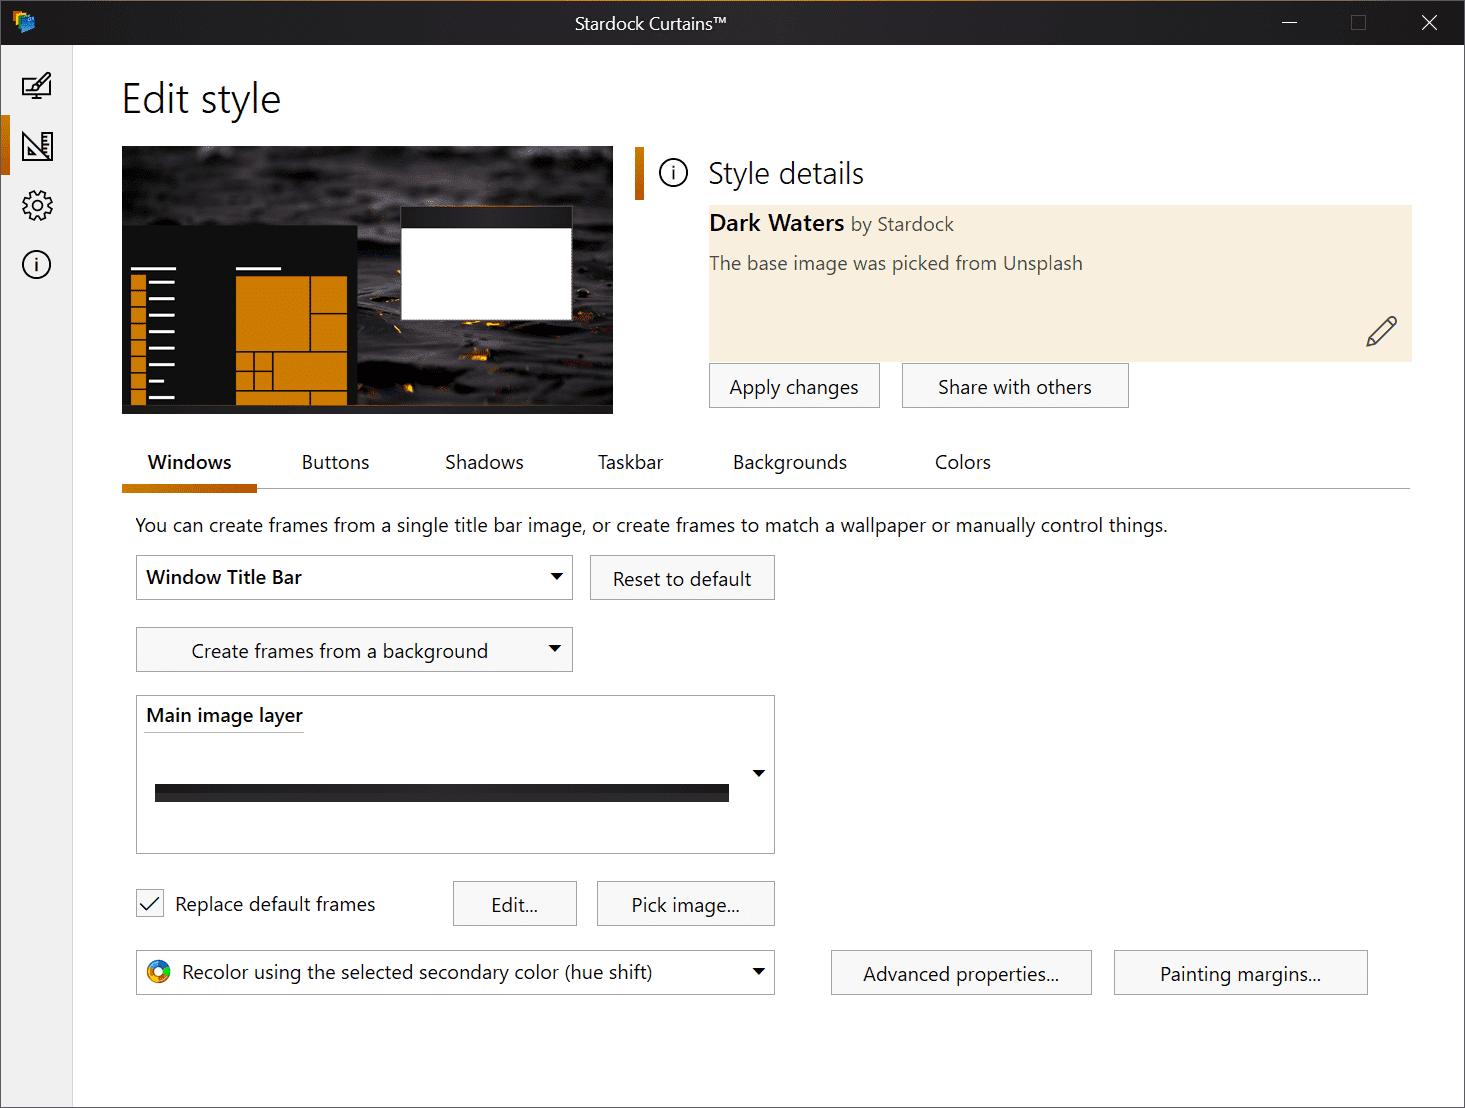 editar las cortinas de estilo